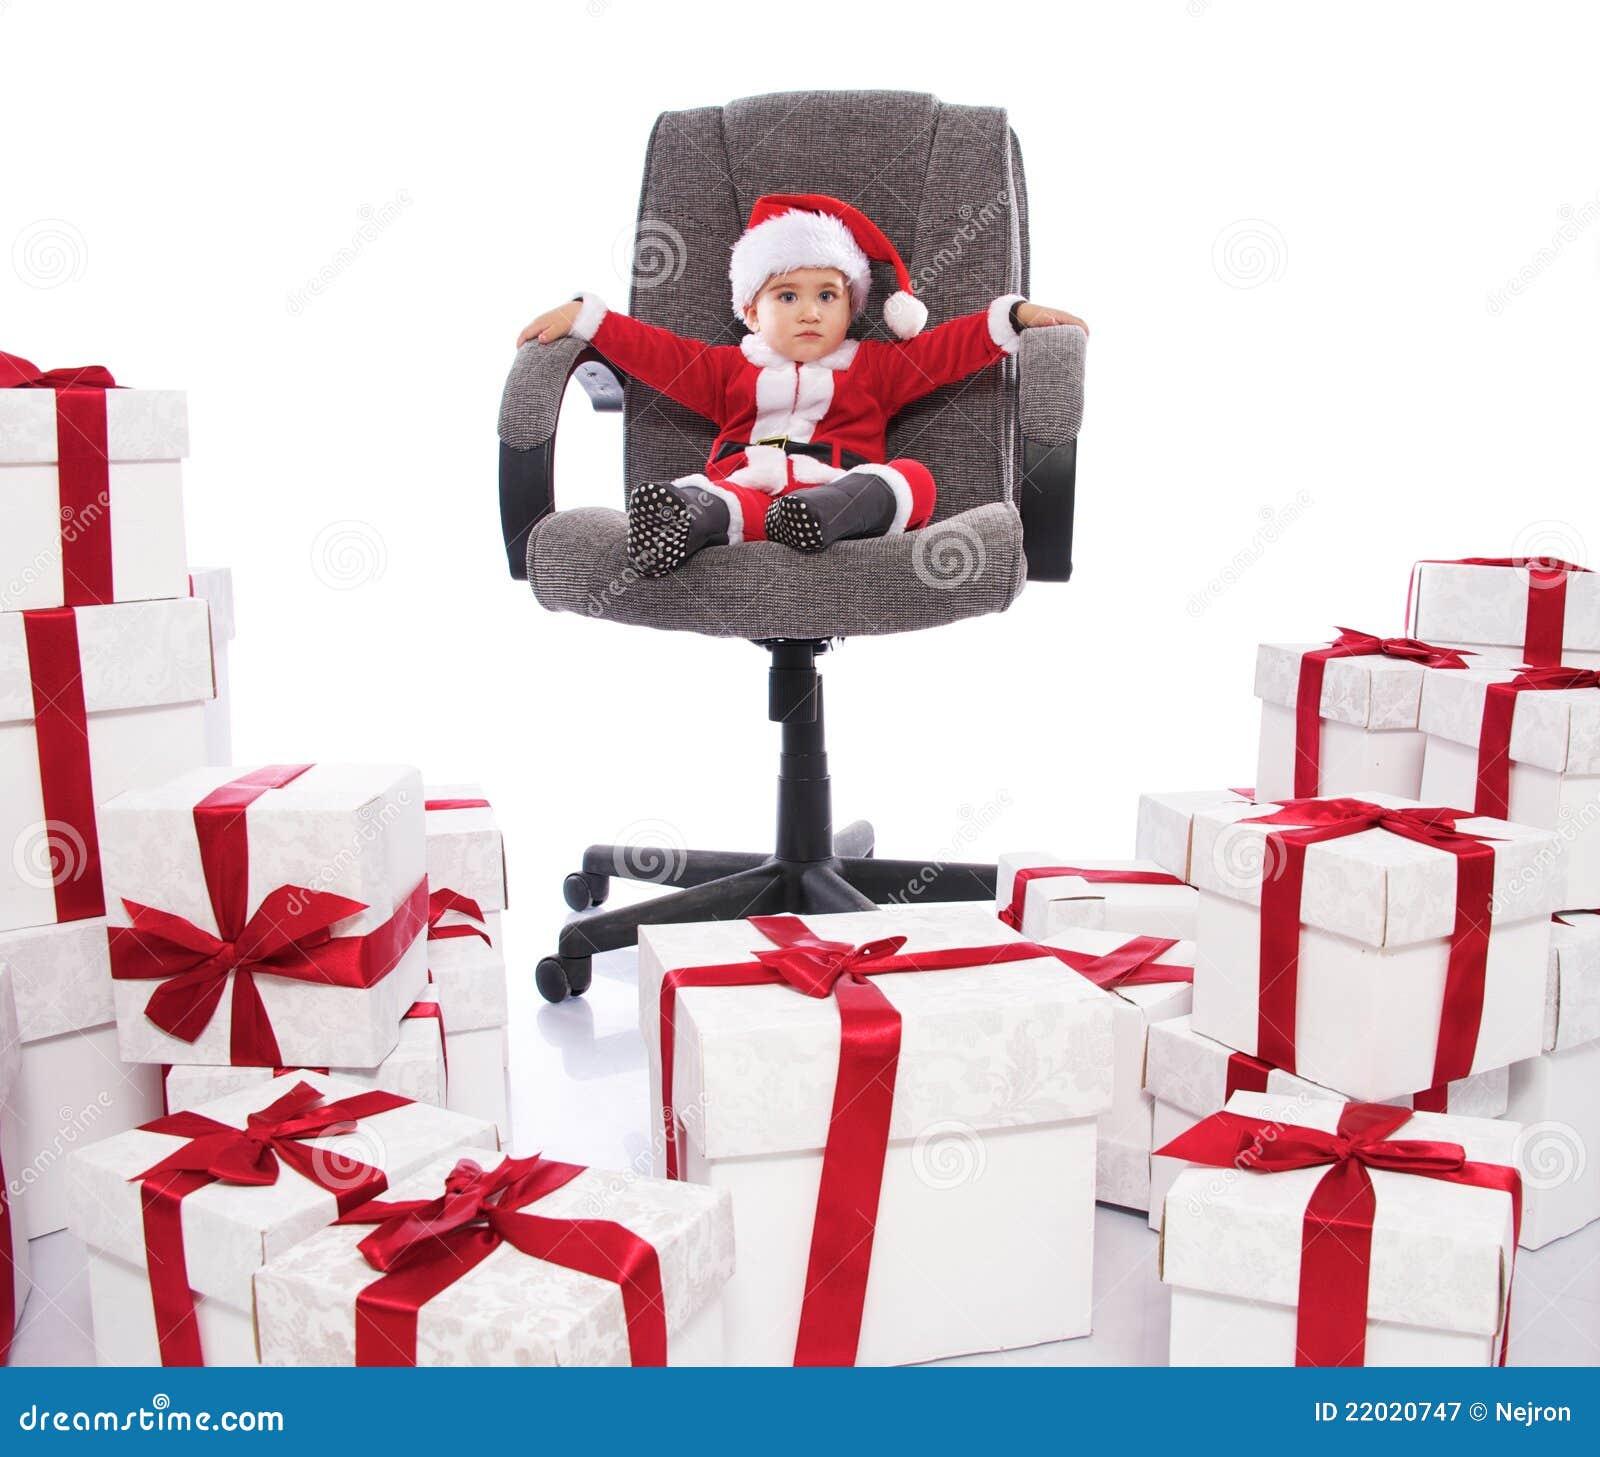 baby weihnachtsmann stockbild bild von zicklein fell. Black Bedroom Furniture Sets. Home Design Ideas